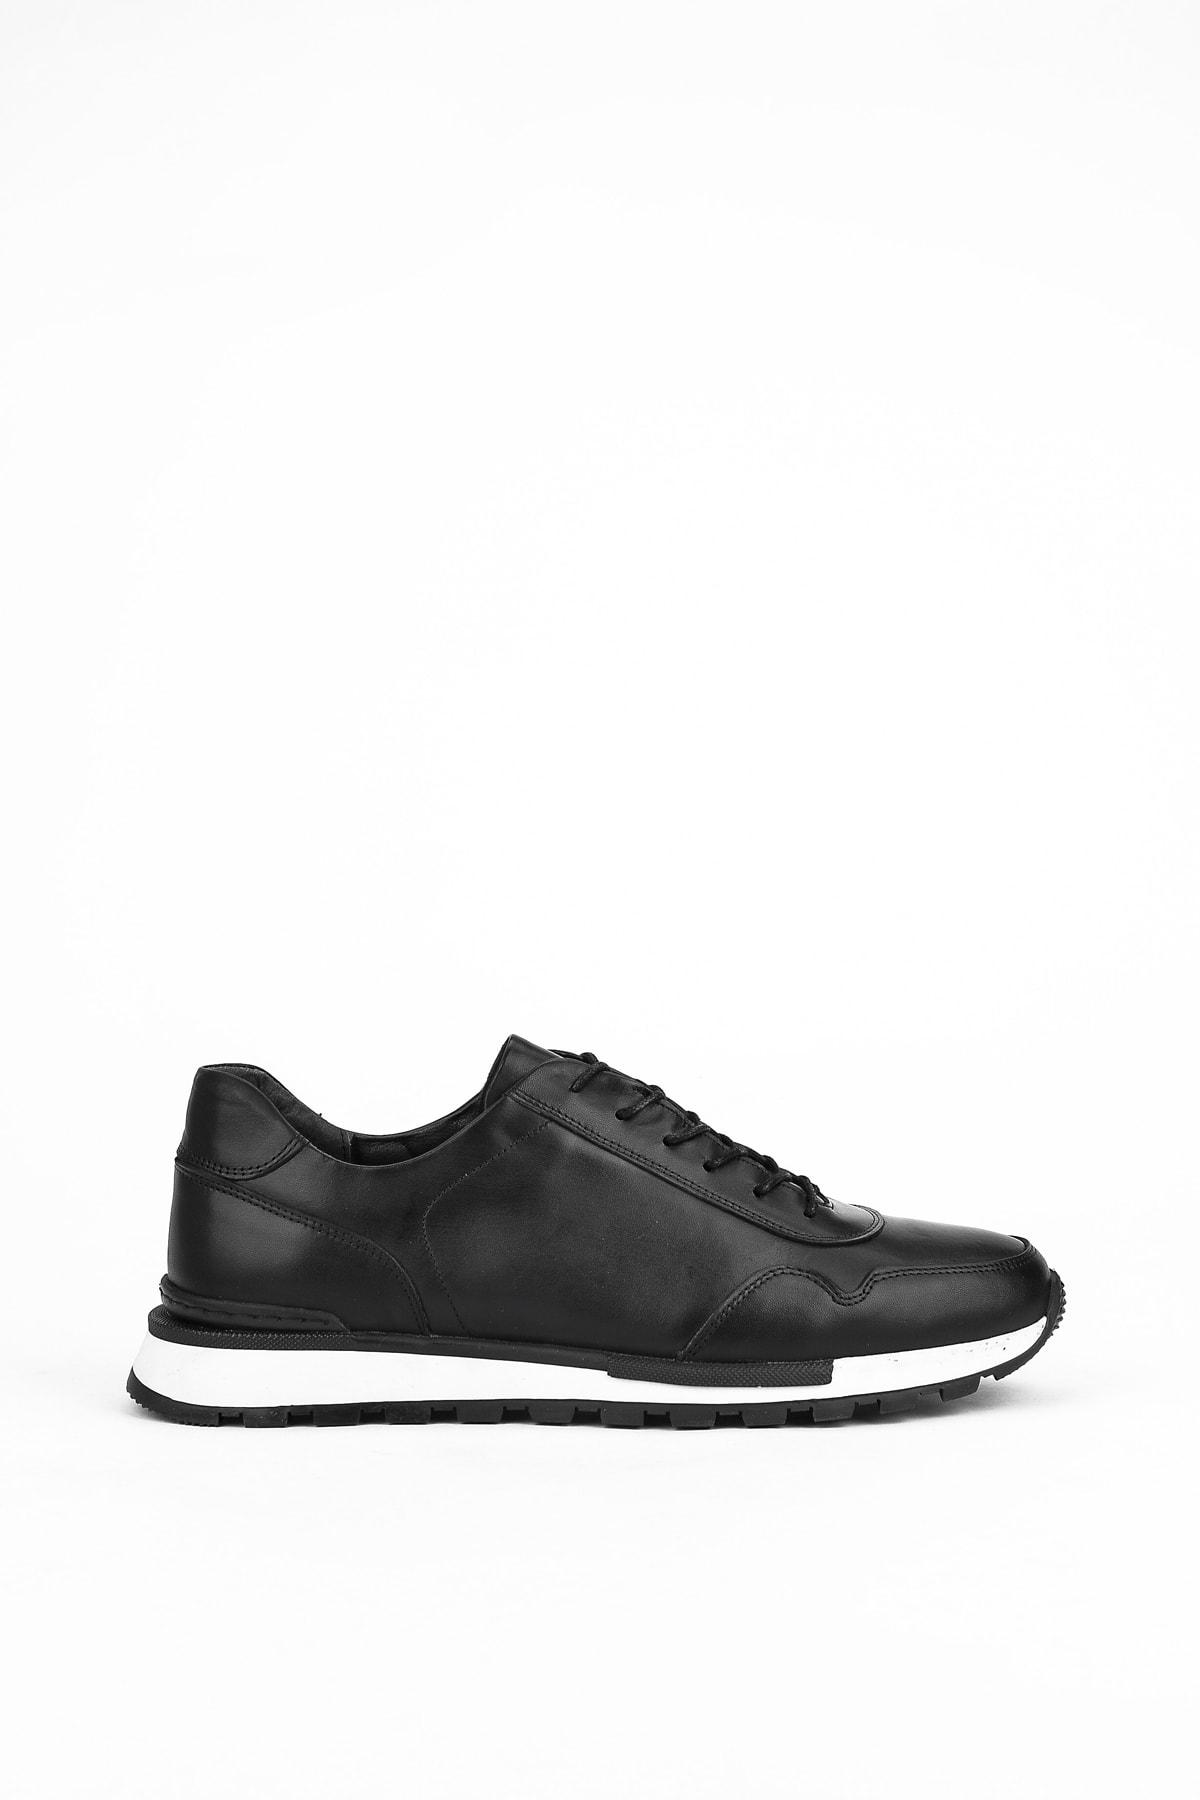 Erkek Siyah Hakiki Deri Ayakkabı 10371 241